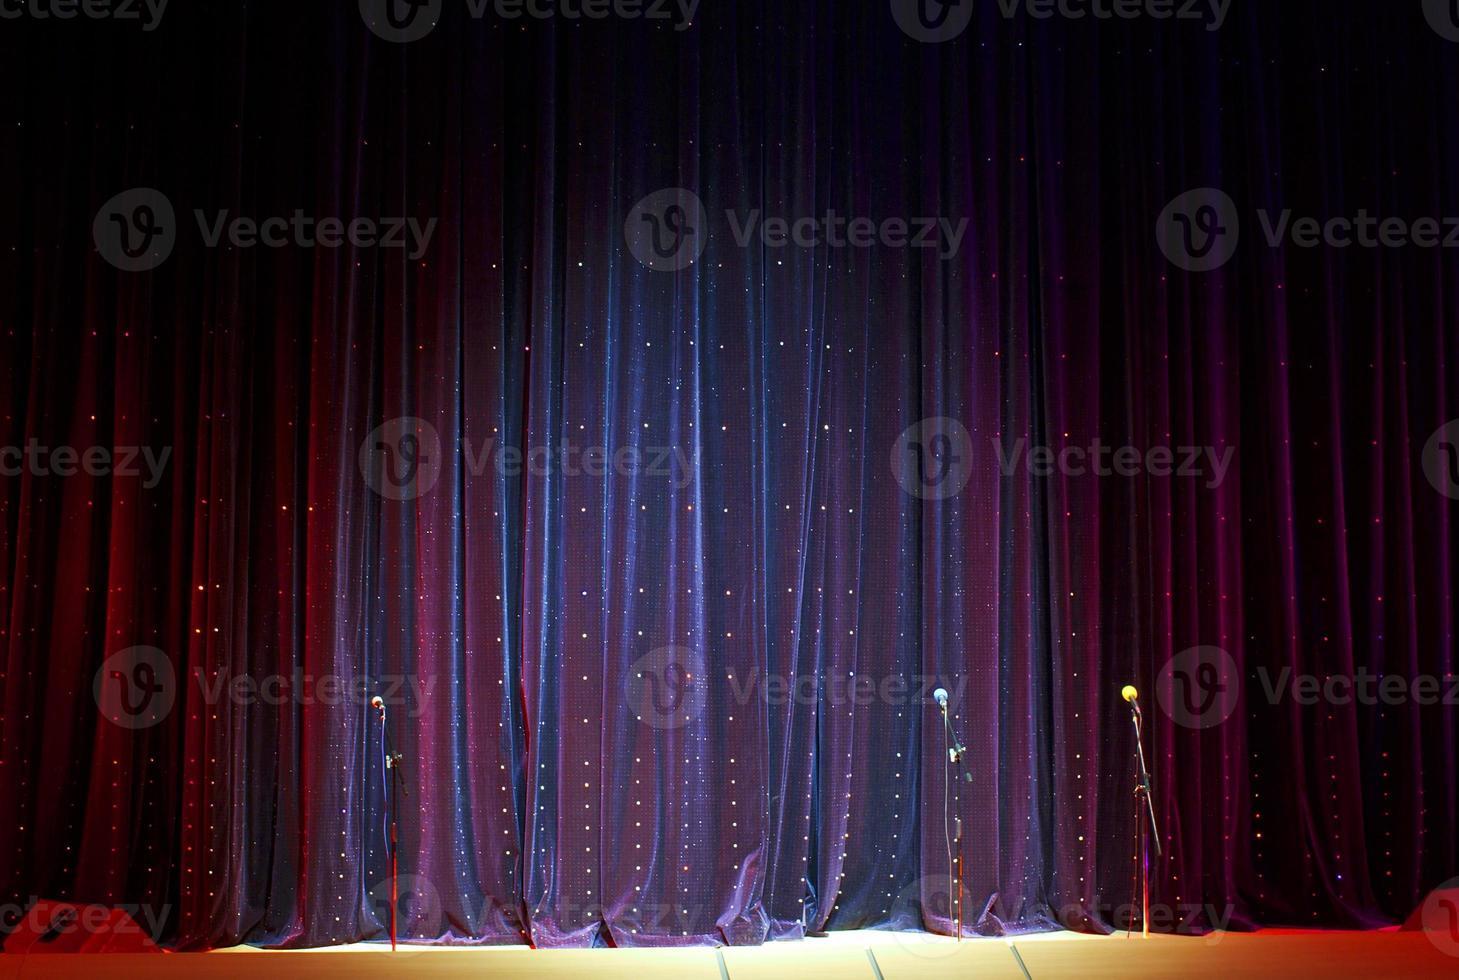 Bühnenvorhang und Mikrofone foto